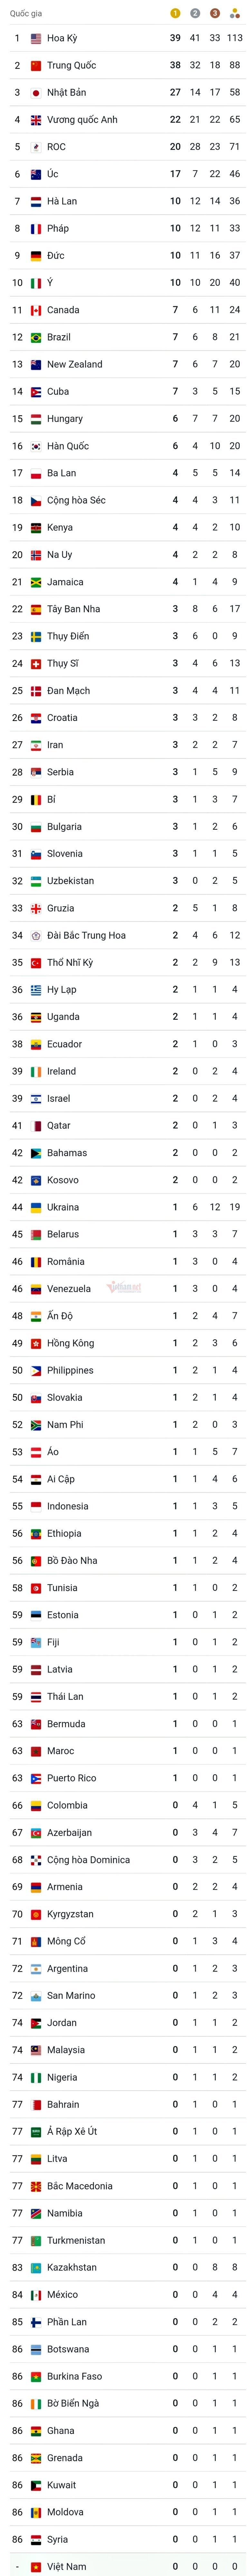 Trung Quốc tự sửa luôn tổng sắp huy chương Olympic, phải vượt Mỹ mới chịu 3